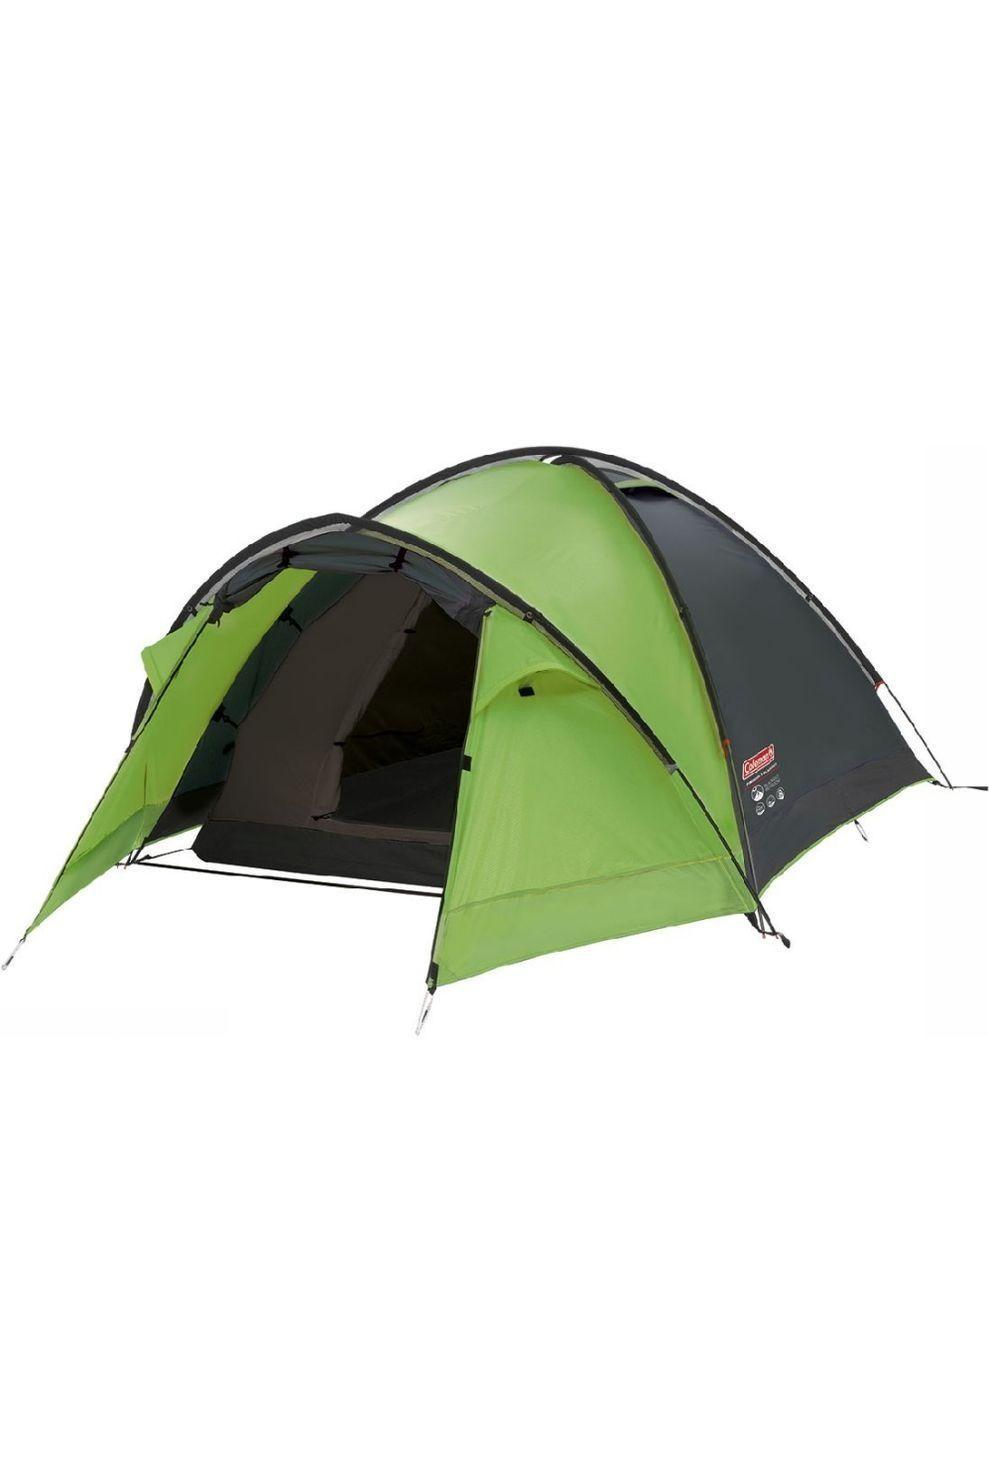 Coleman Tent Pingora Blackout Groen-Zwart